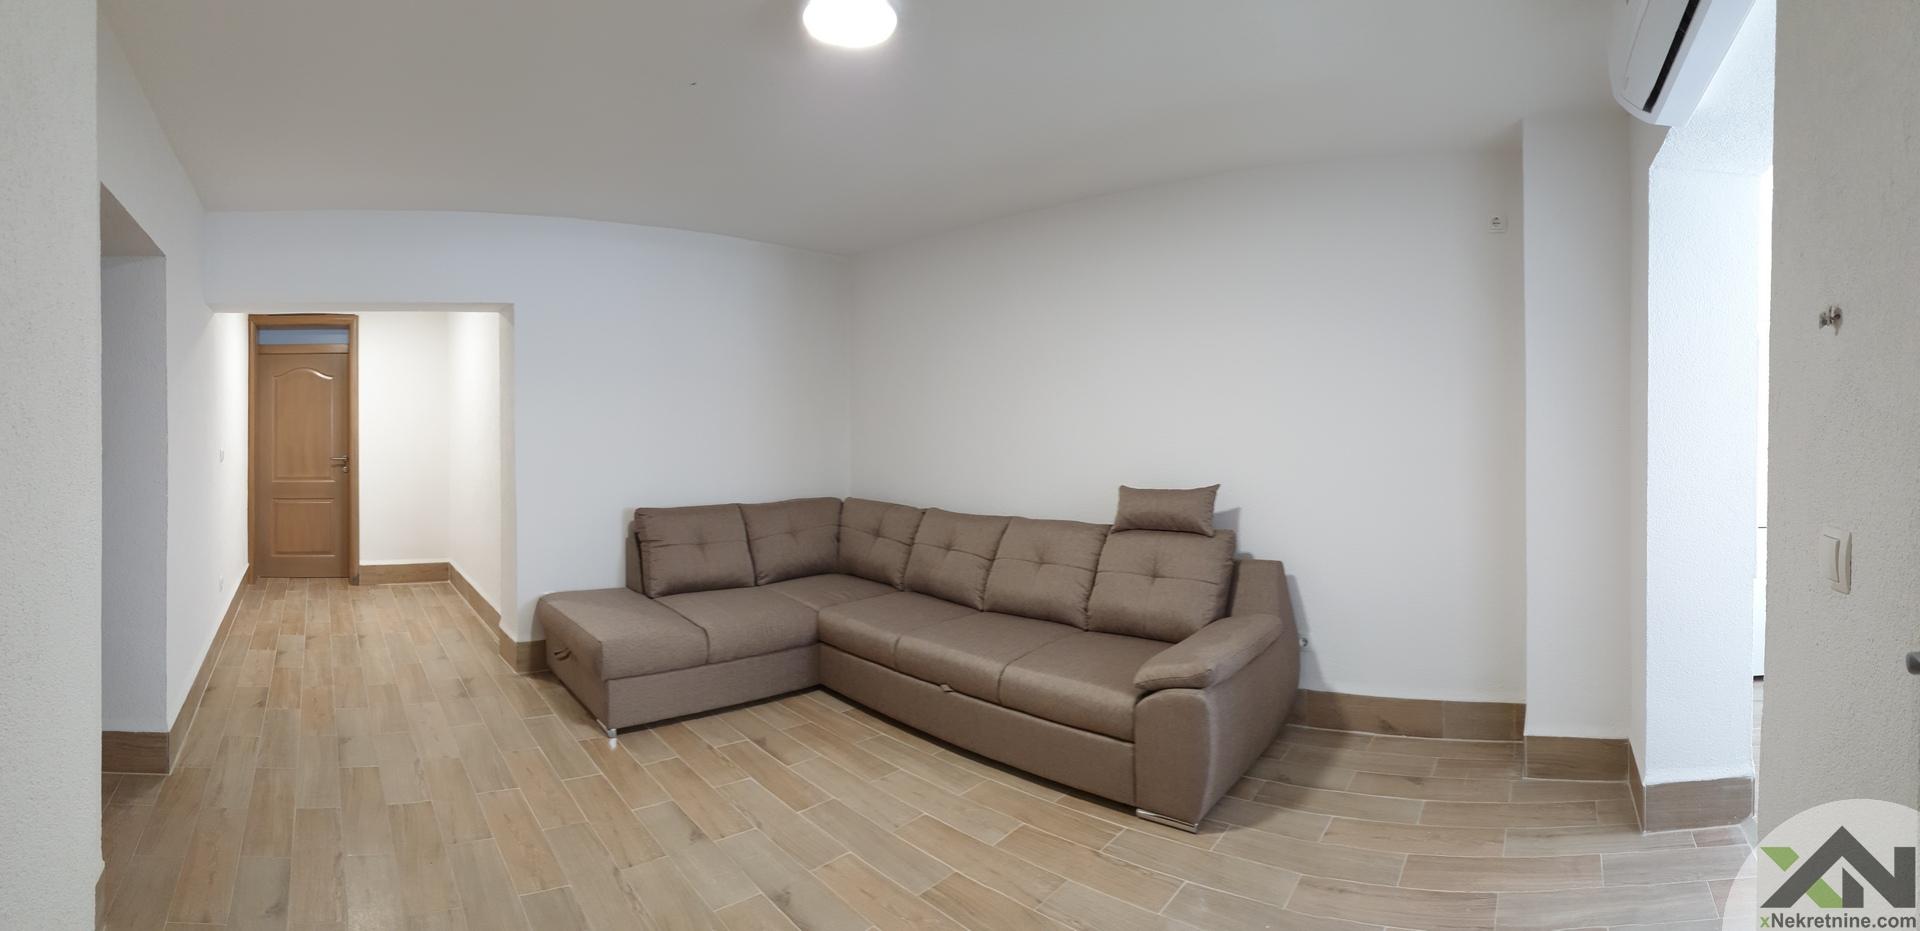 Kuća (2 stana) - Novogradnja